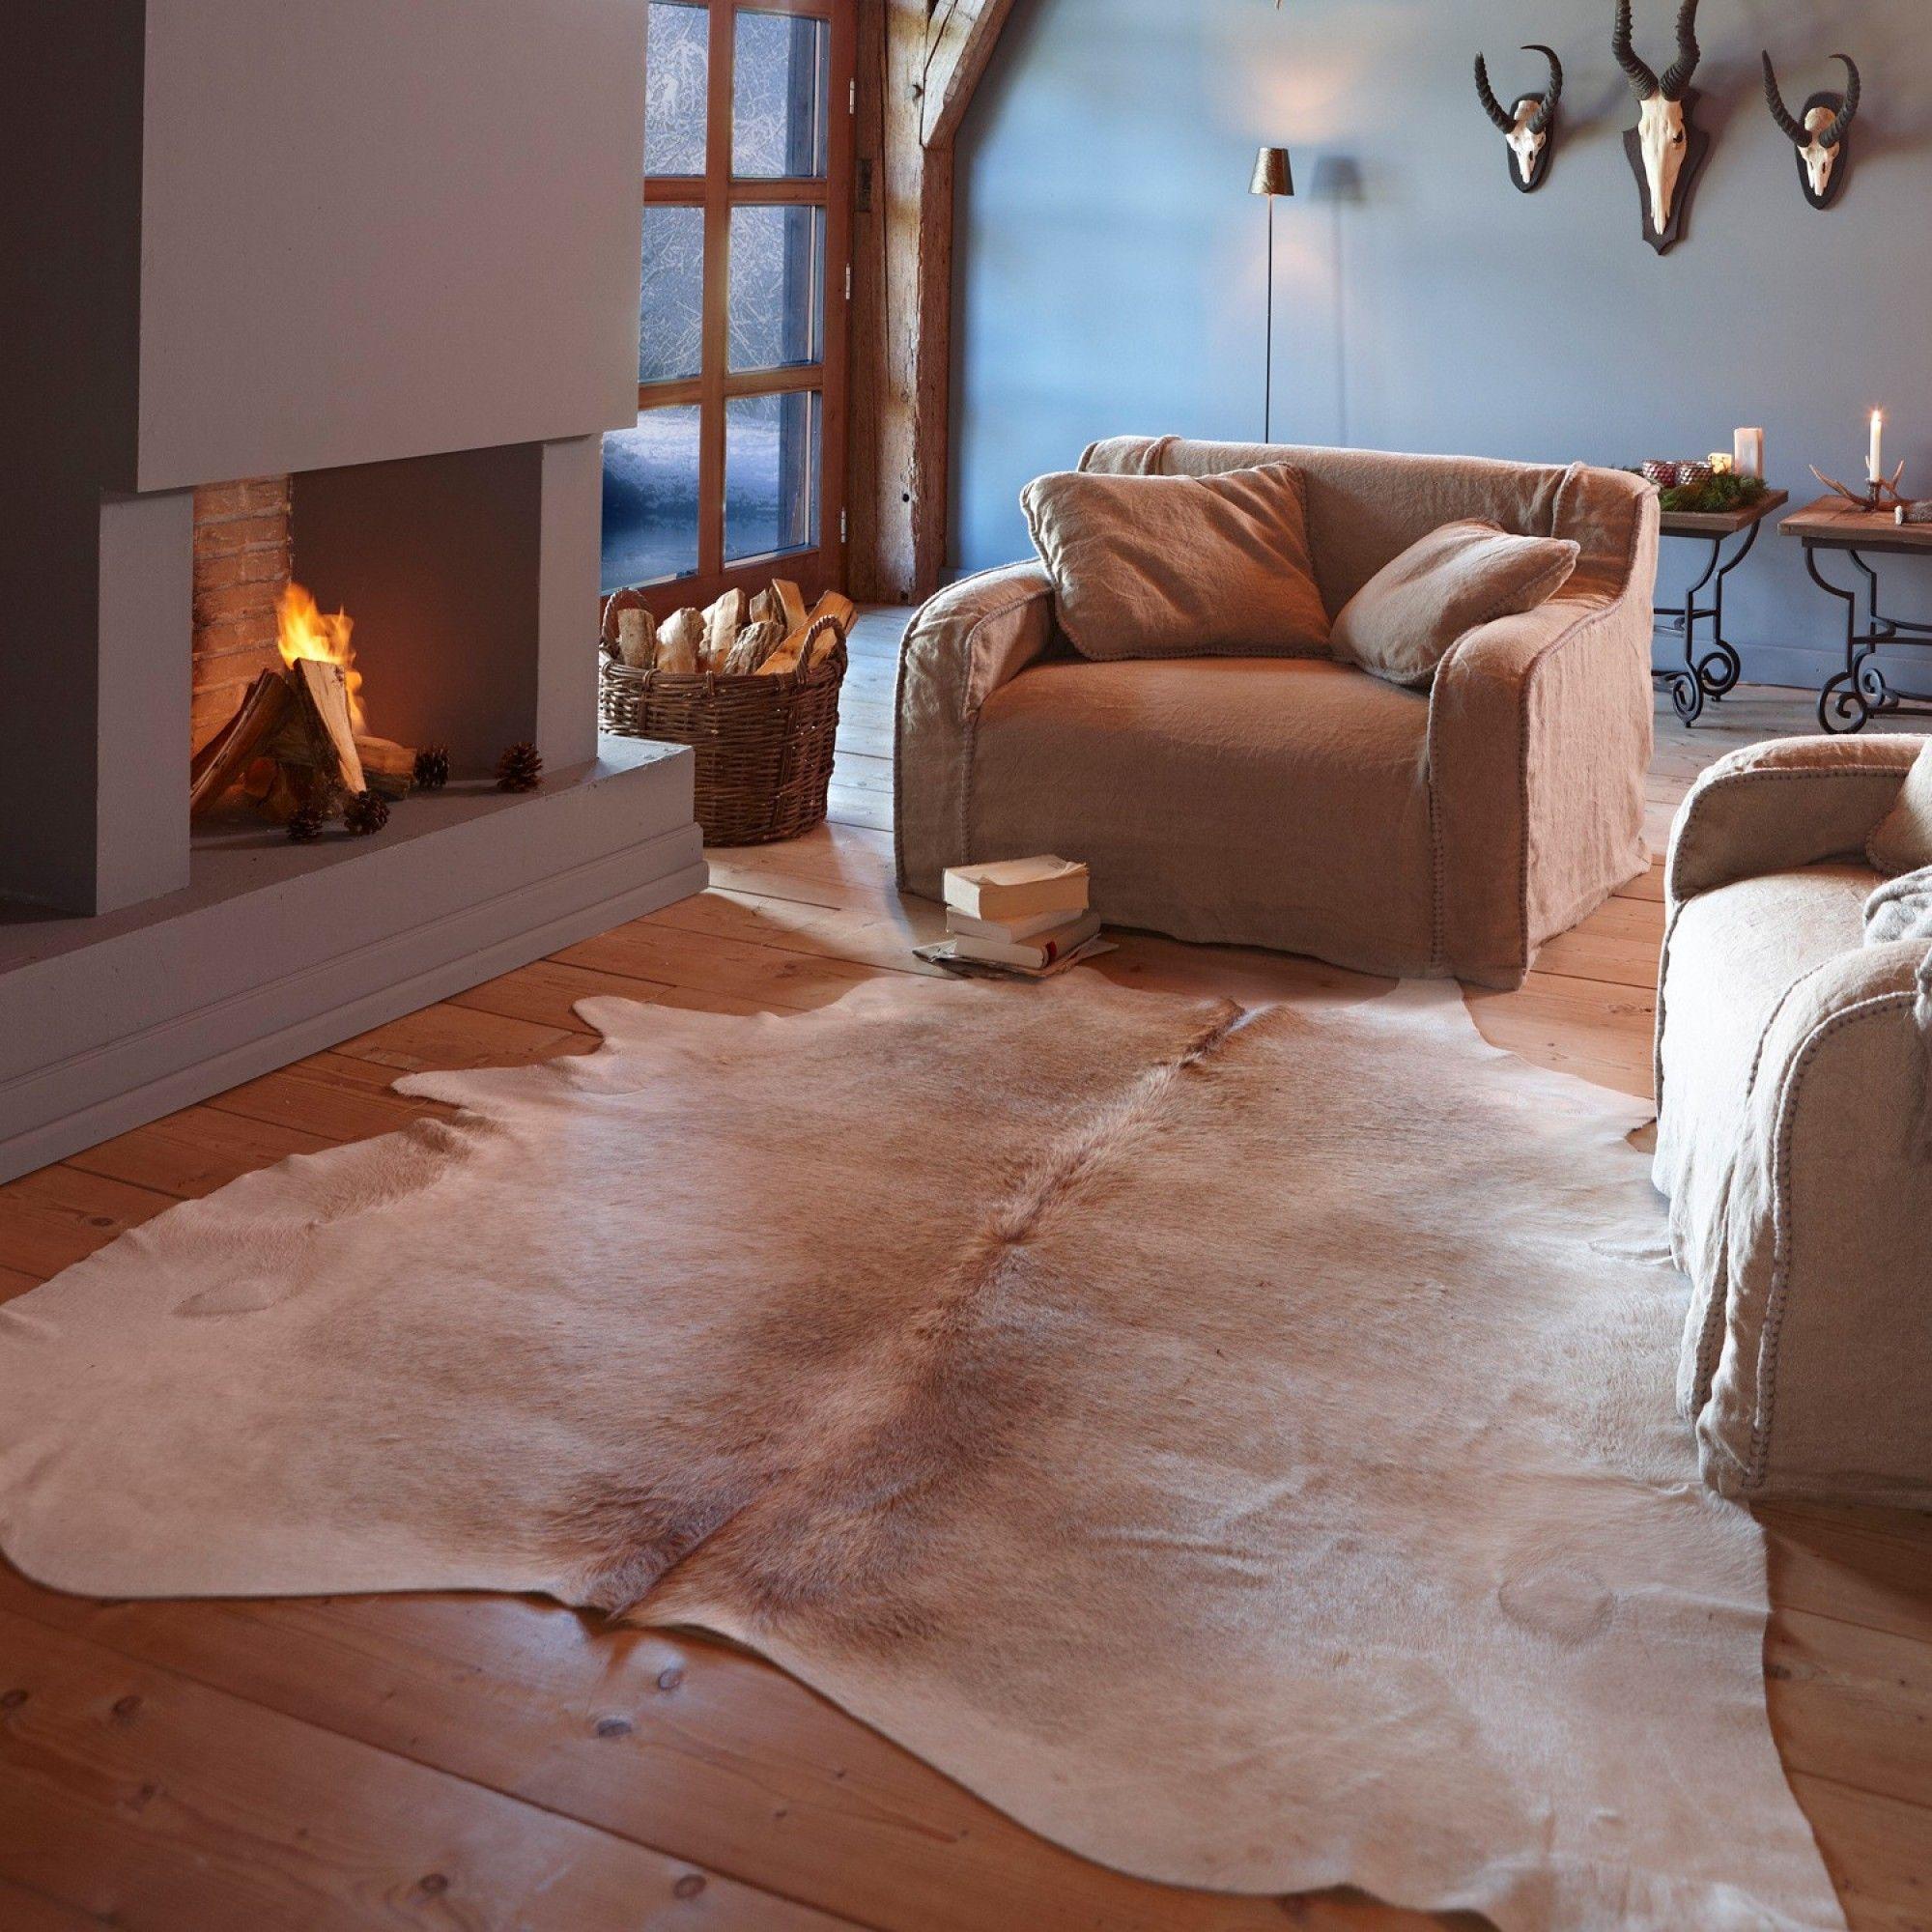 Kuhfell teppich  Kuhfell-Teppich Pasadena' gesehen auf Loberon.de | Home ...